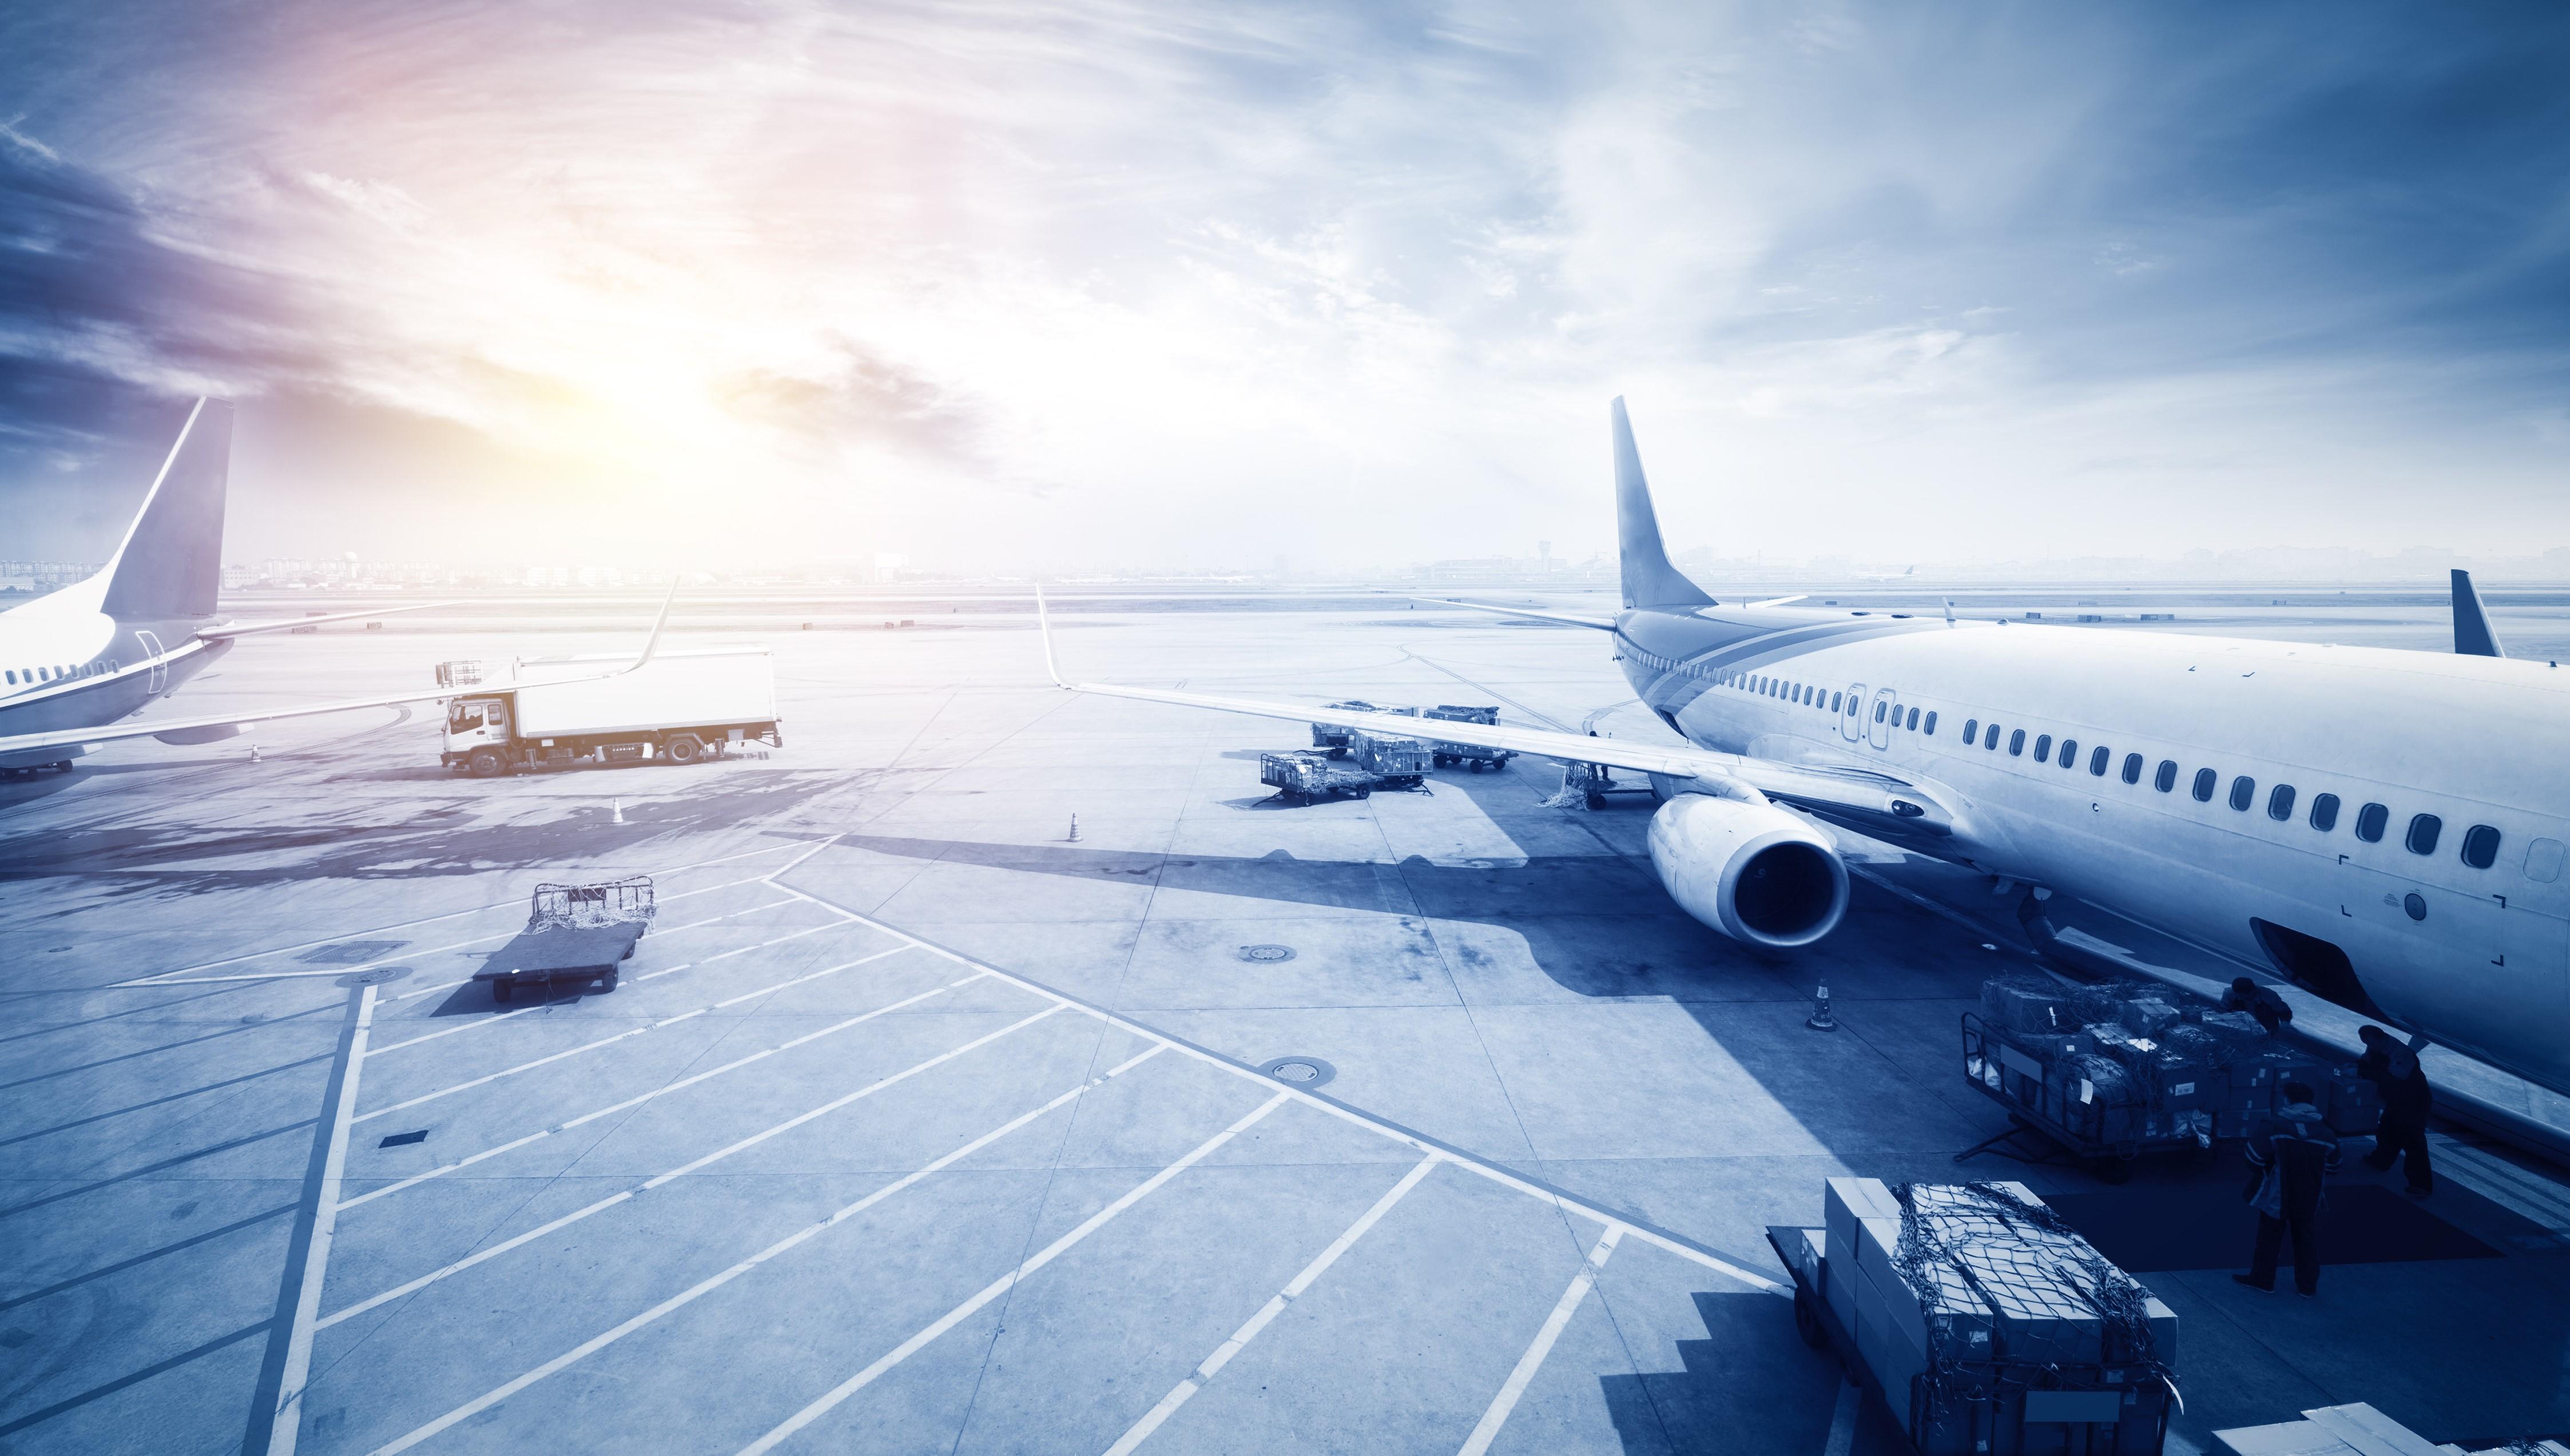 Что из себя представляют современные системы оповещения аэропортов?